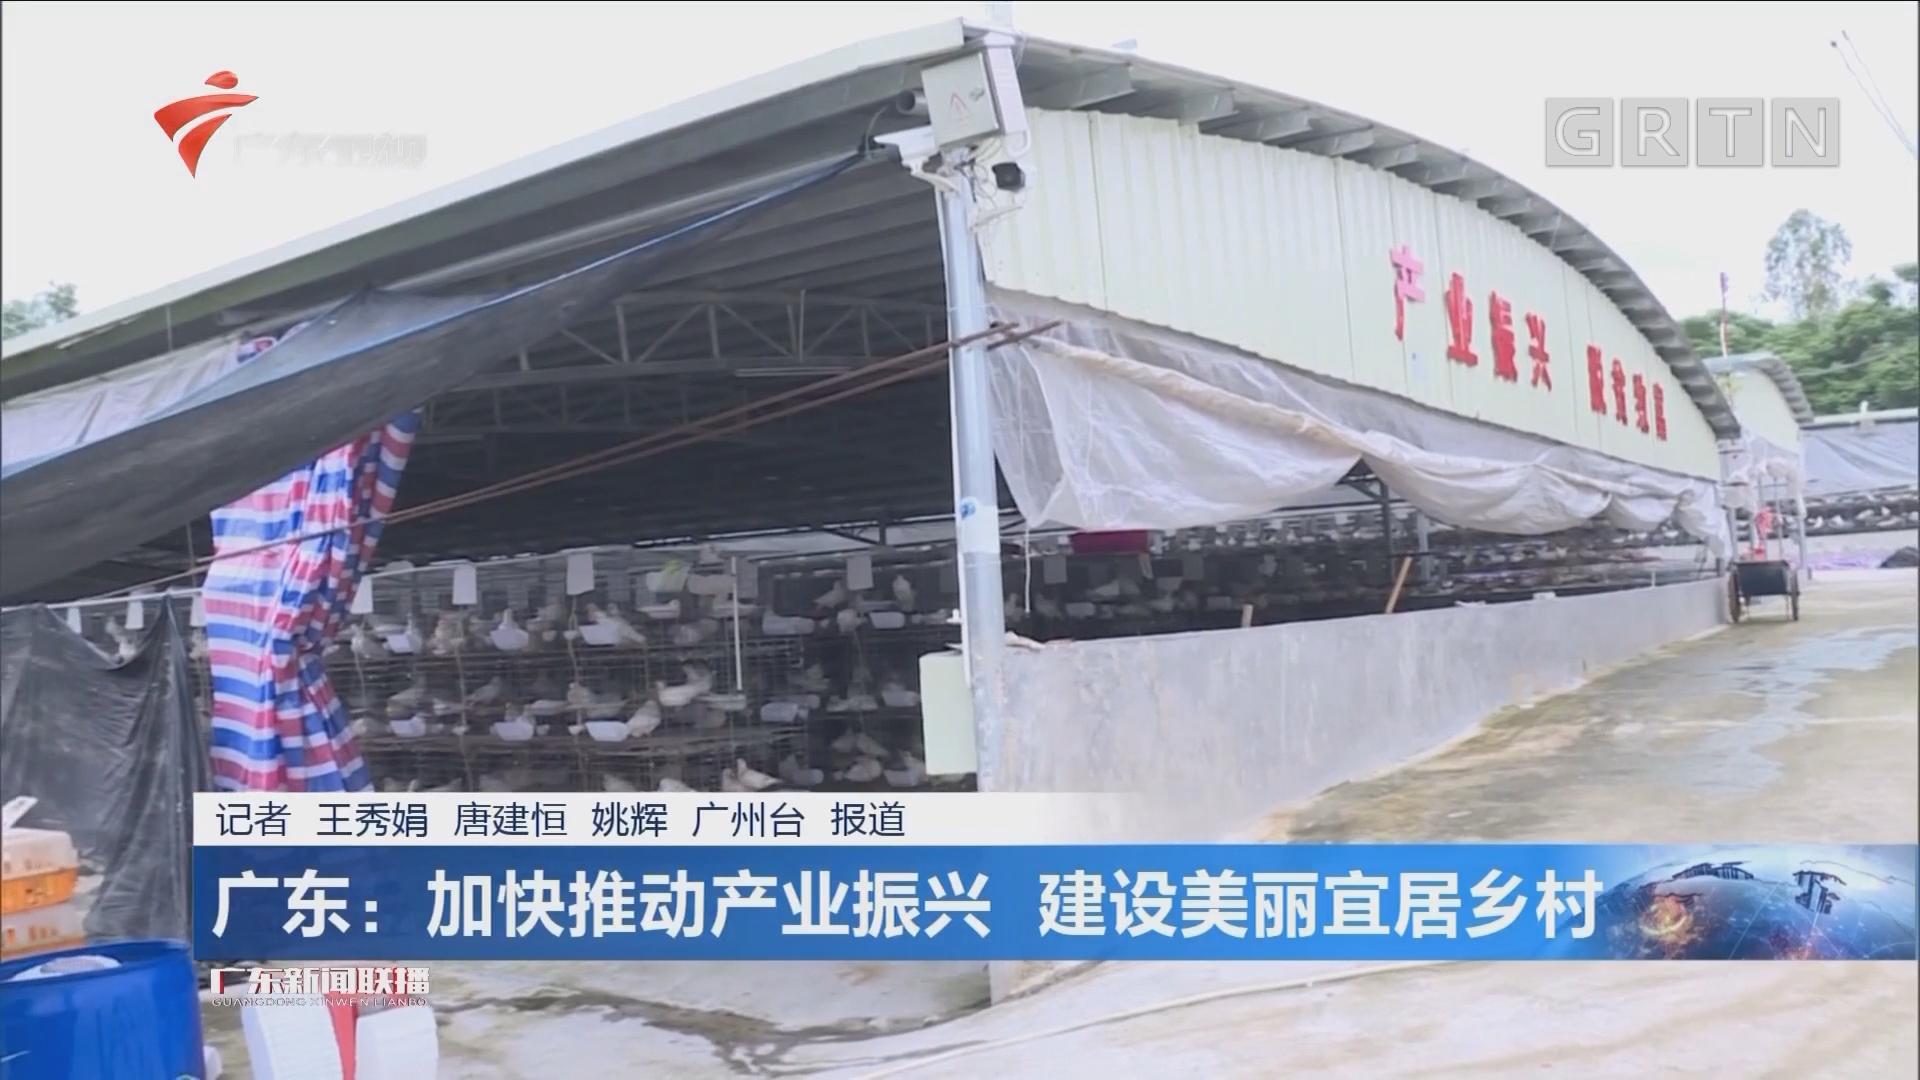 广东:加快推动产业振兴 建设美丽宜居乡村